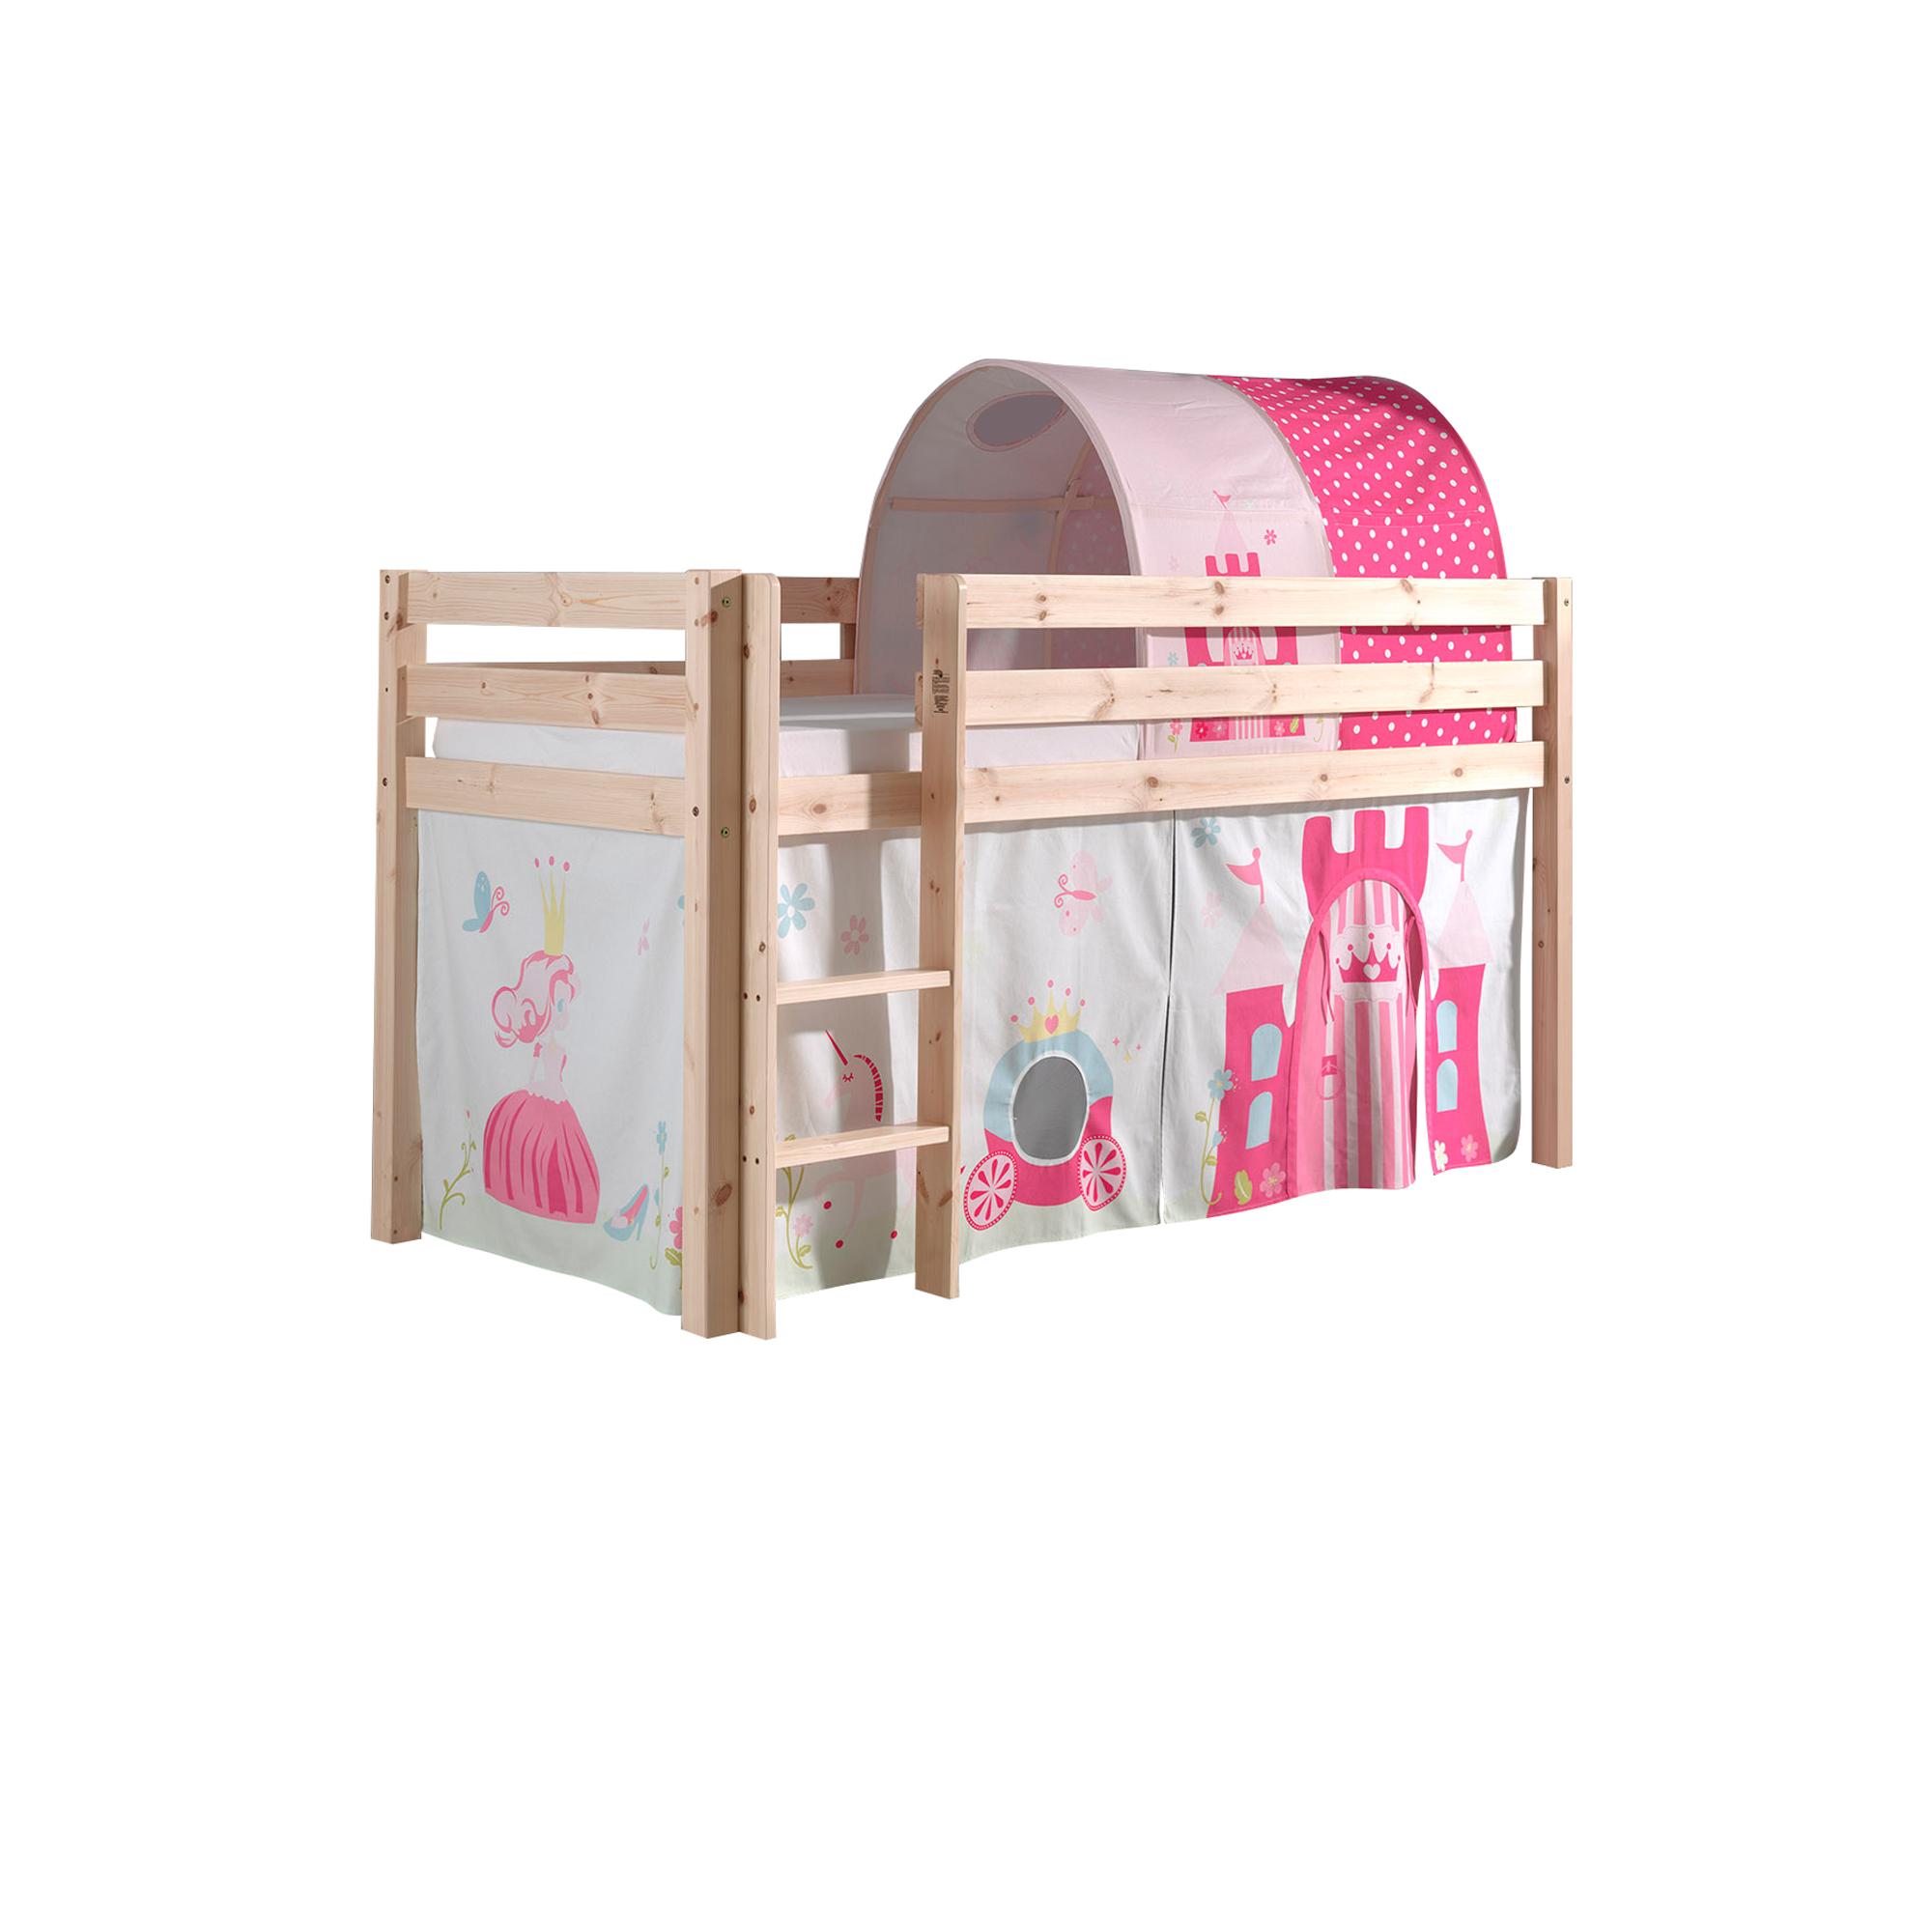 Details zu Kinderbett Spielbett Vorhang Hochbett Tunnel Prinzessin 90x200  cm kiefer massiv